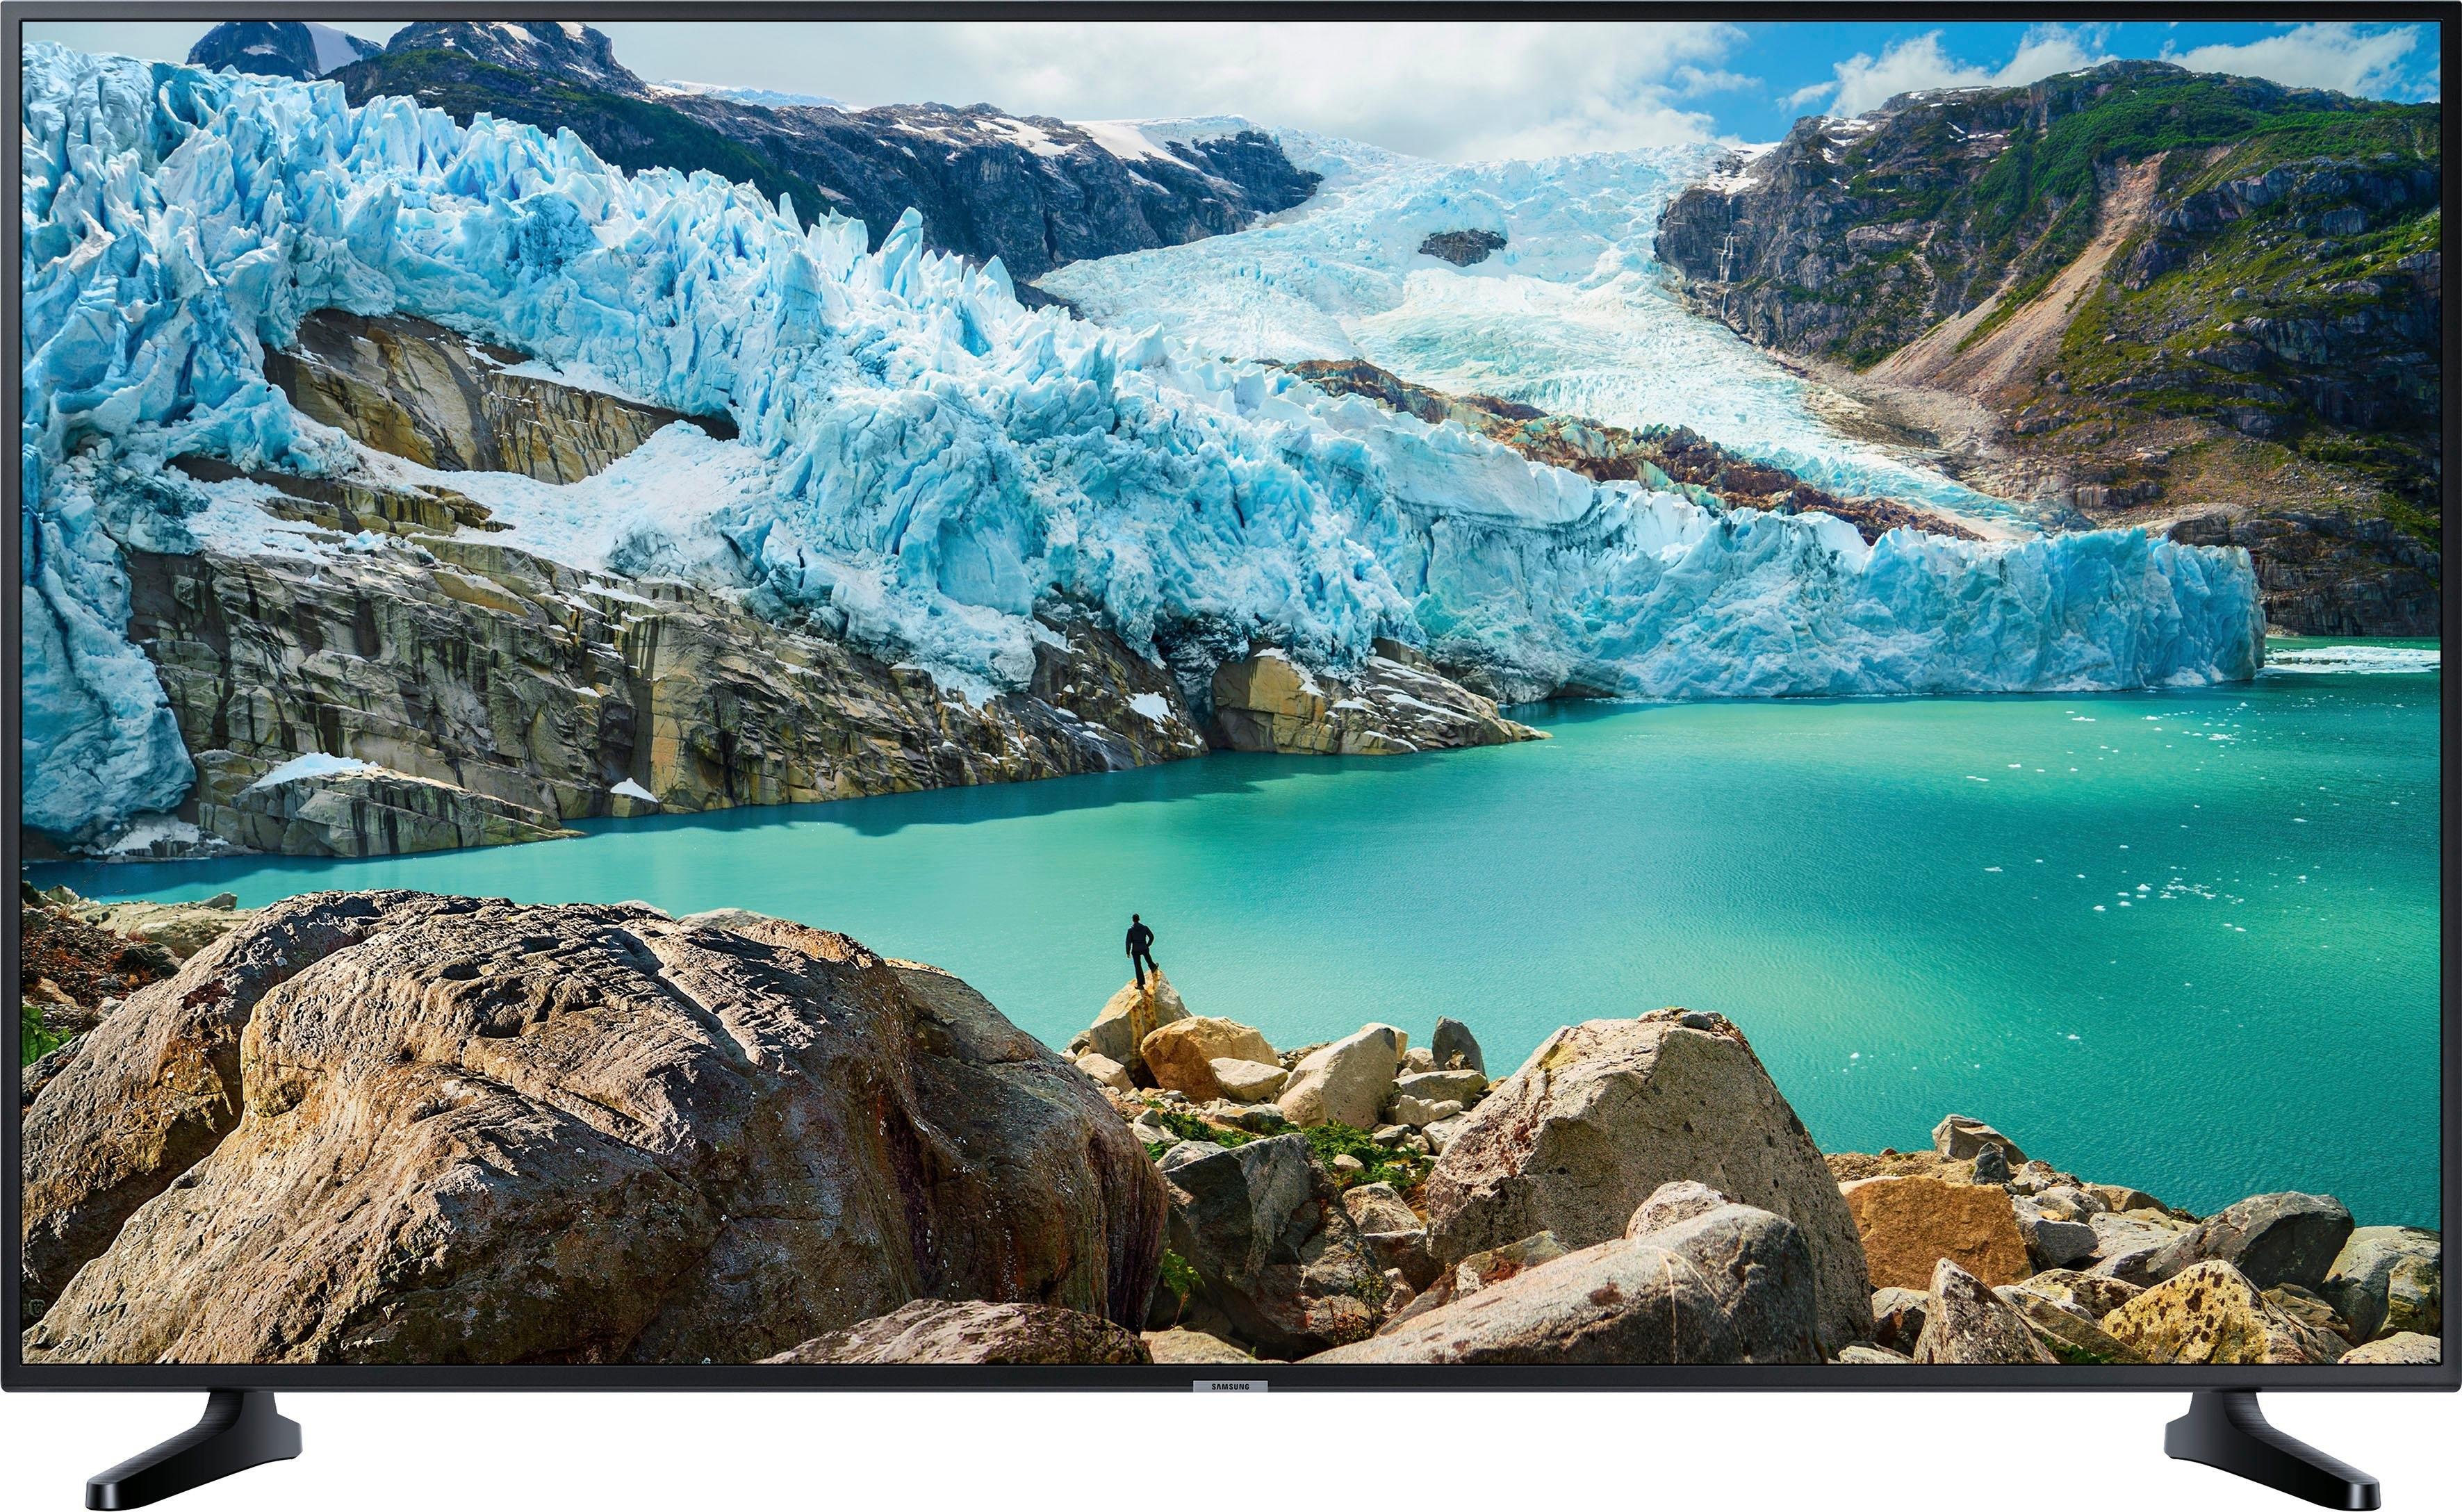 SAMSUNG UE65RU7099UXZG led-tv (163 cm / 65 inch), 4K Ultra HD, smart-tv voordelig en veilig online kopen